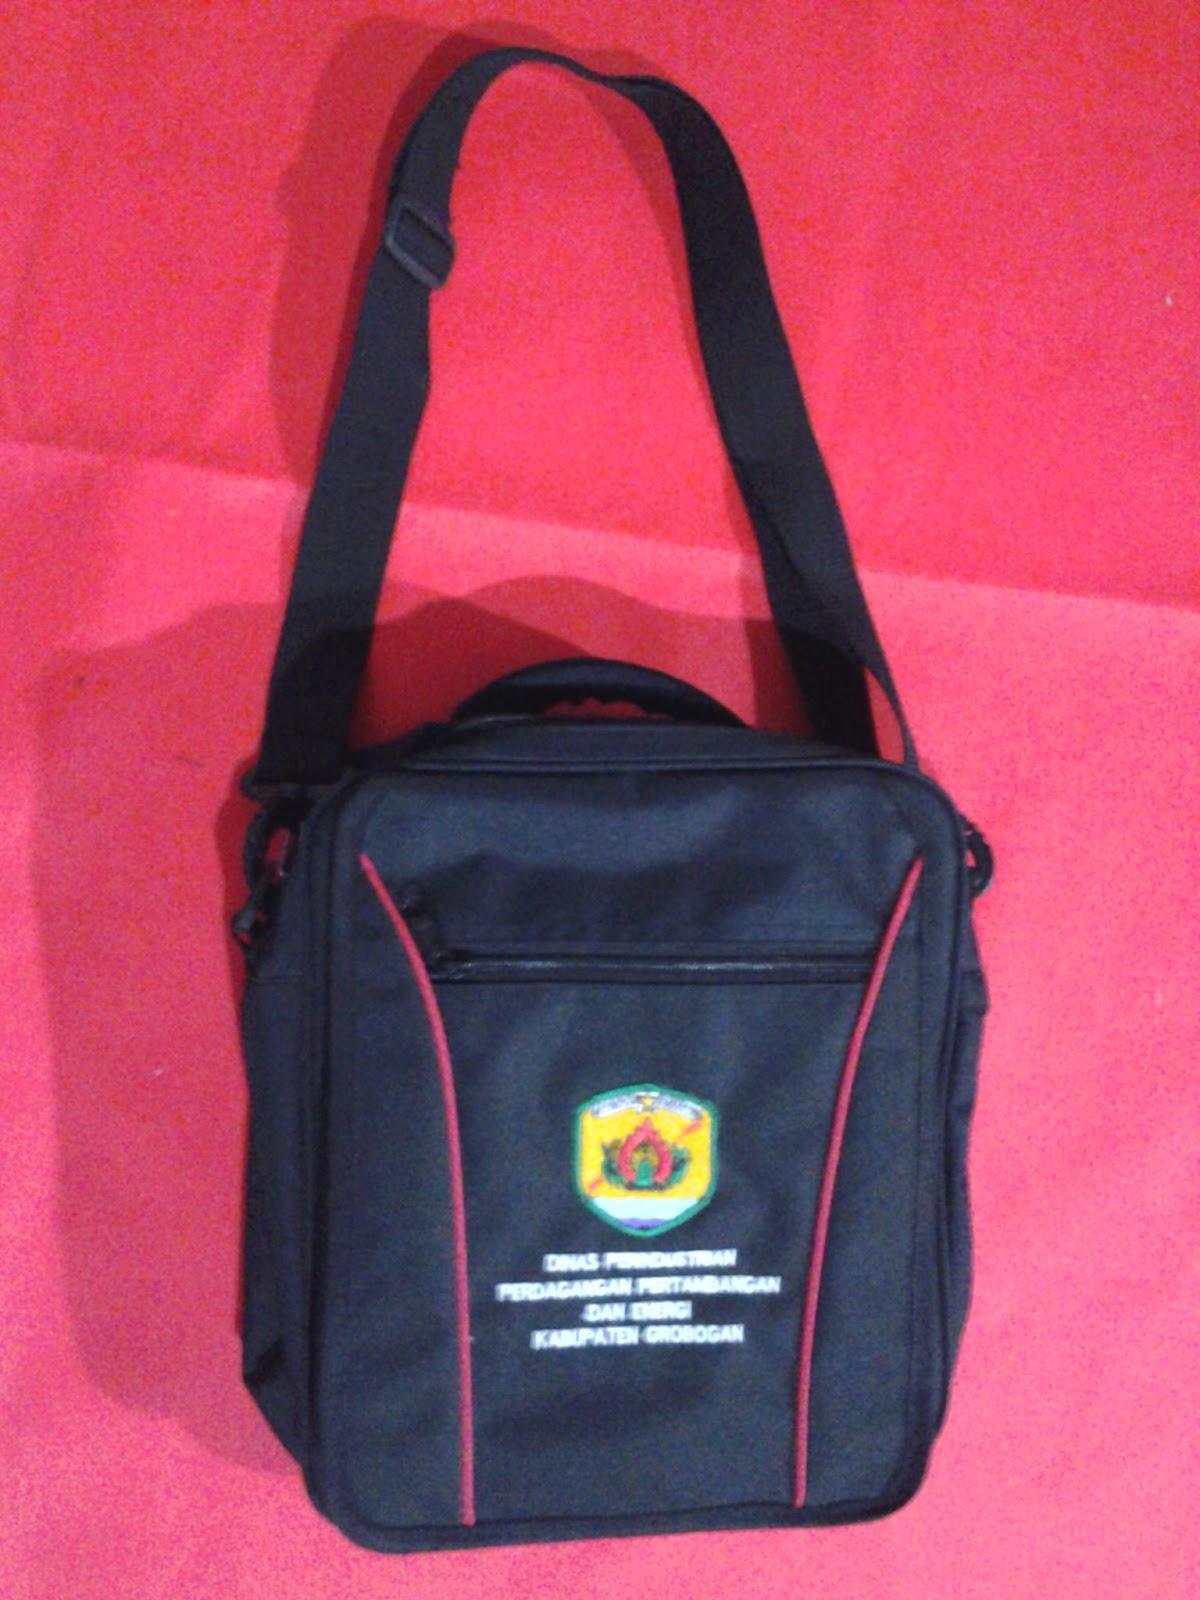 Goo Bag Murah di Semarang Souvenir Unik dan Murah di Semarang 6b10ae2706